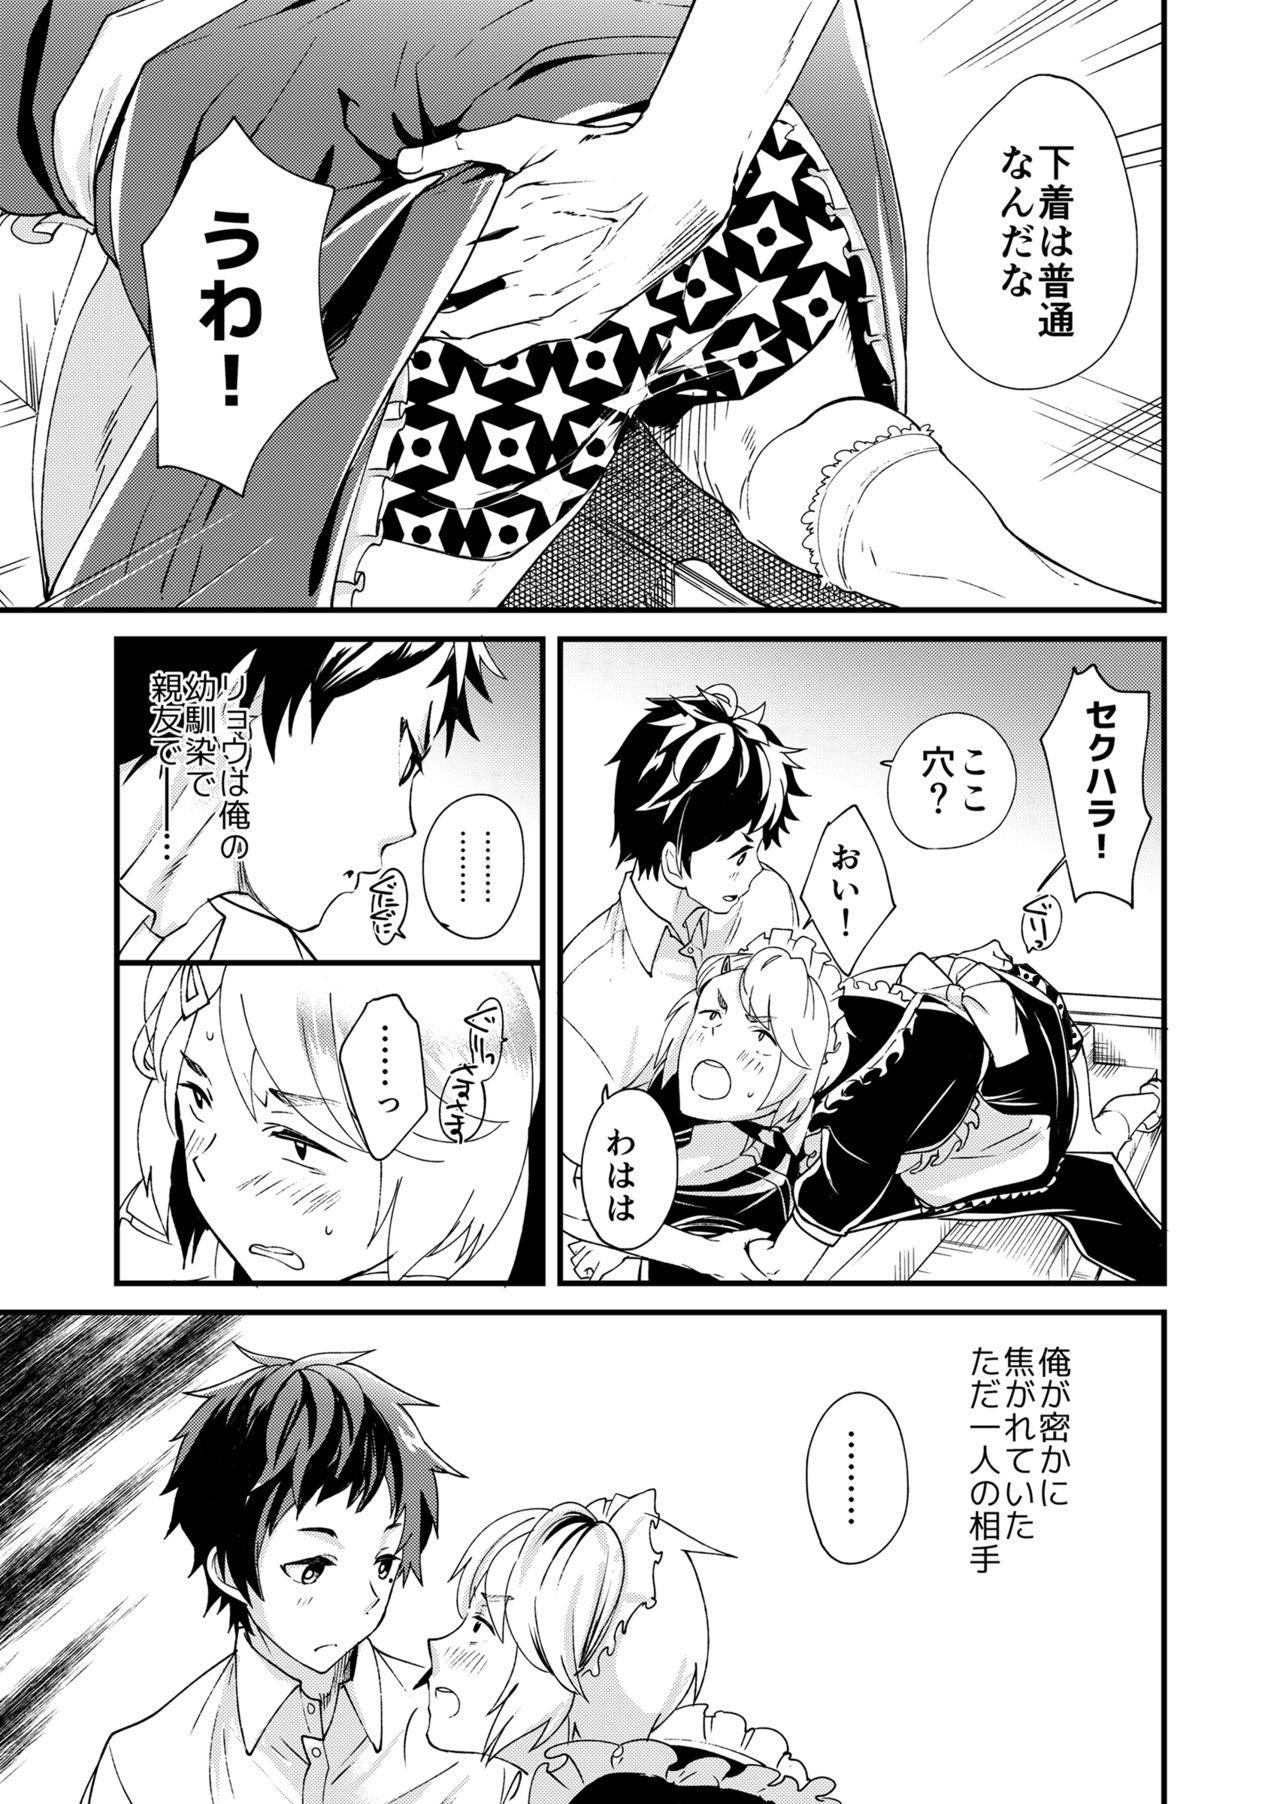 Emaru-kun ga Ienai Koto 8